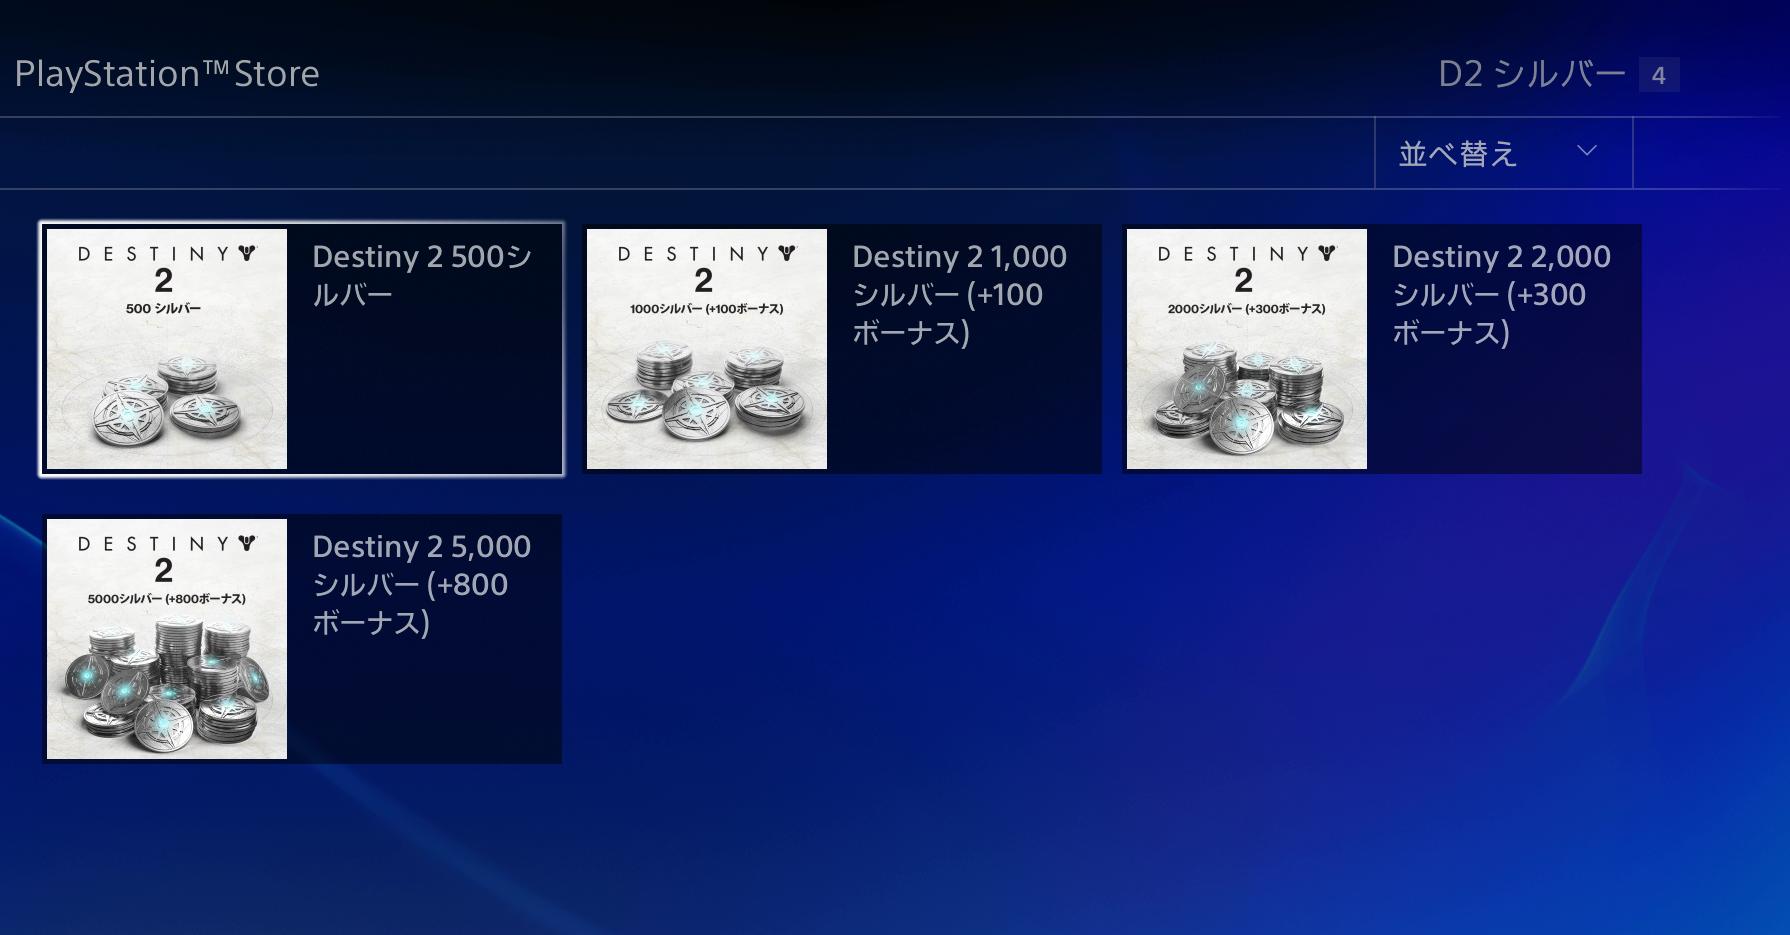 【ゲーム】Destiny2 ついにシルバー導入。